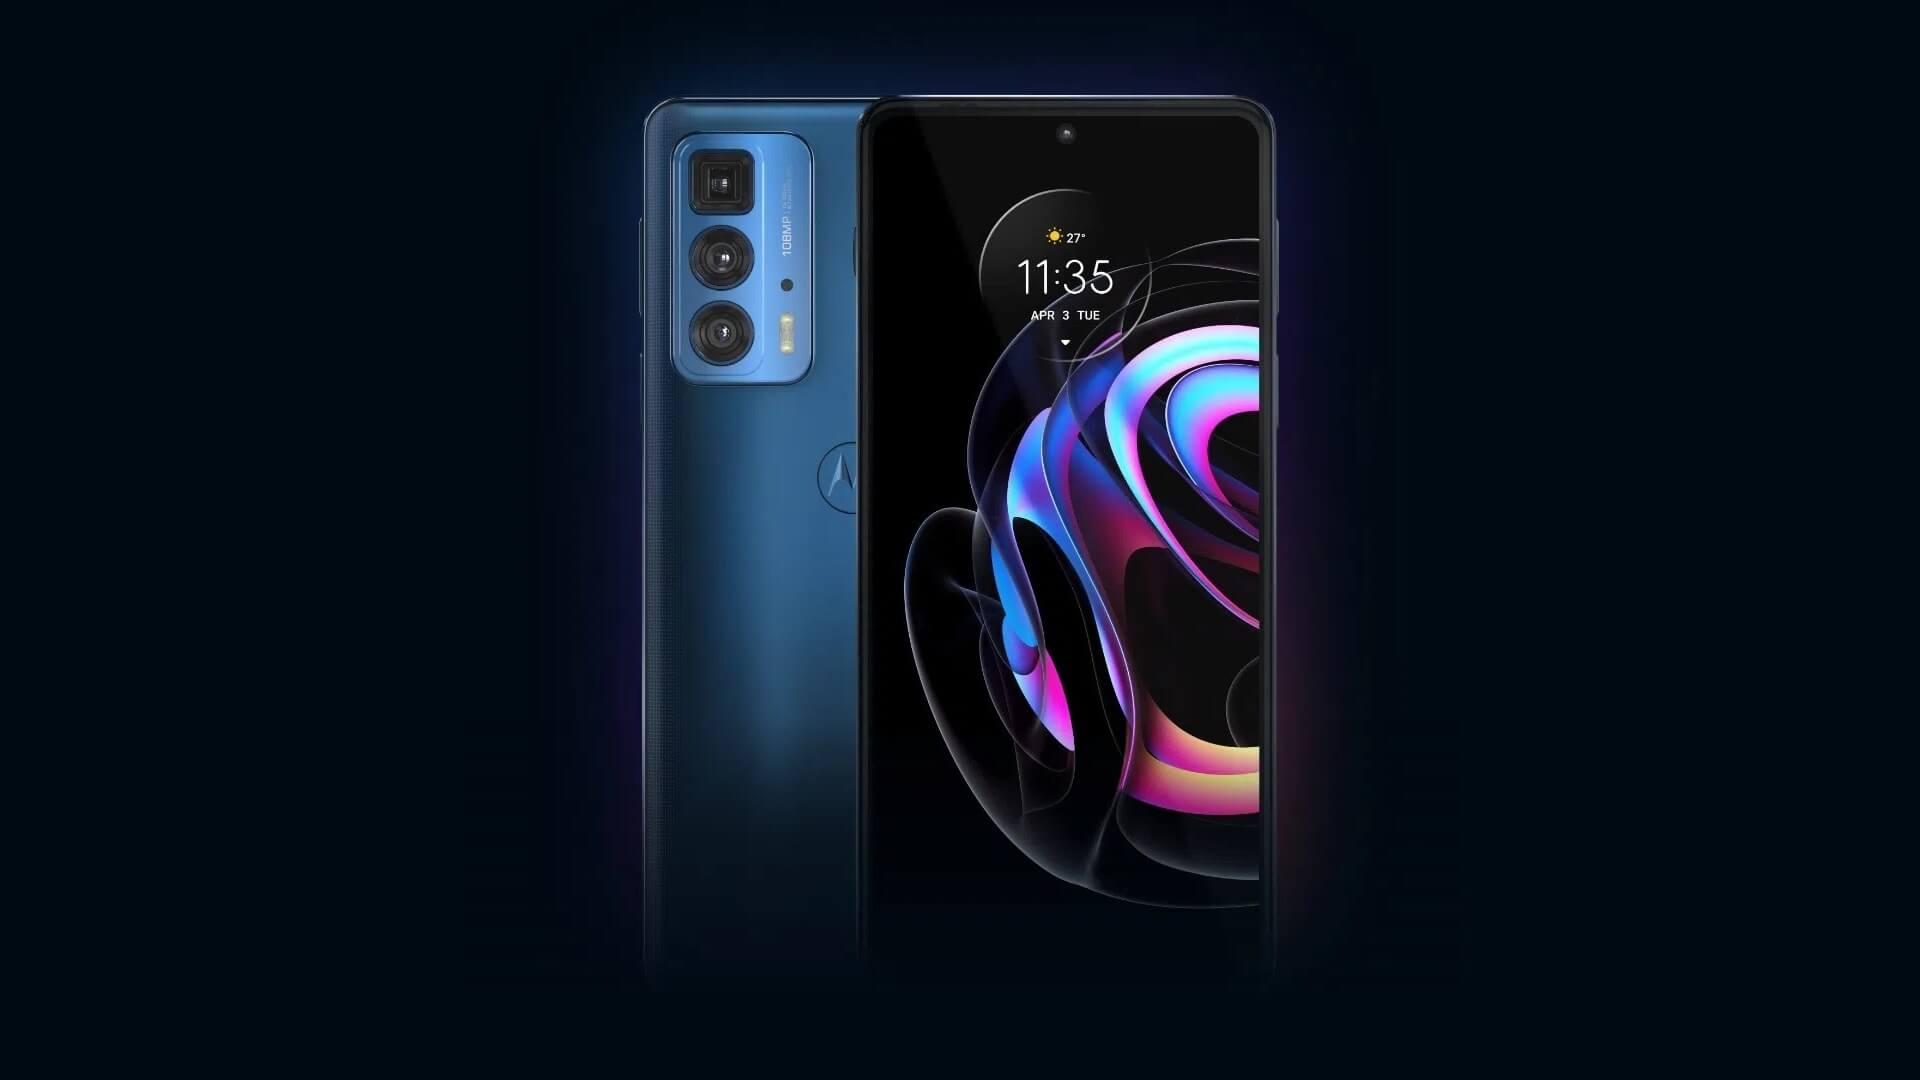 Motorola Edge 20 Pro выходит России – 108 Мп, 144 Гц, 12 ГБ ОЗУ и Snapdragon 870